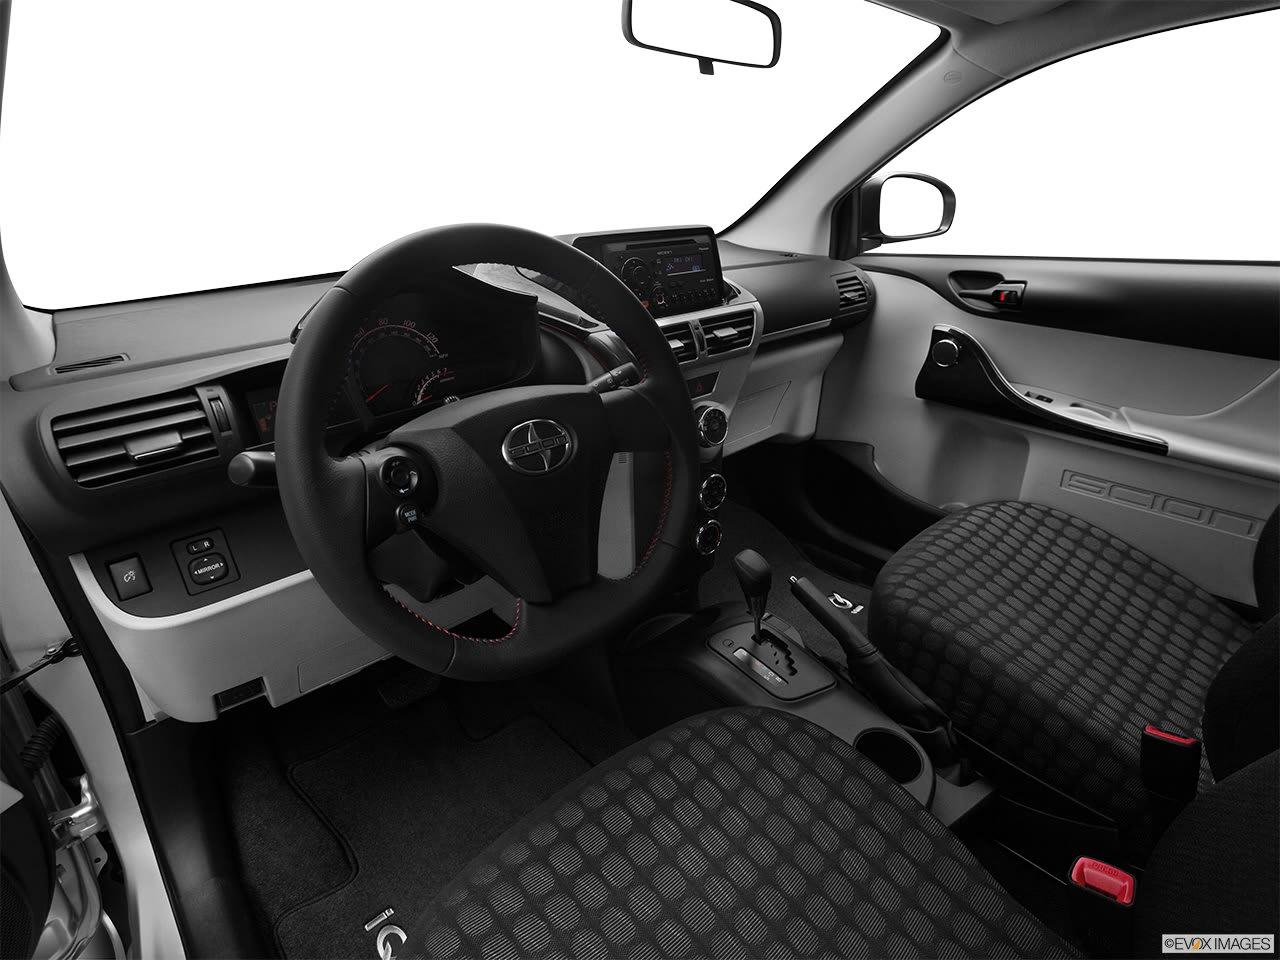 Scion iQ 2012 Interior